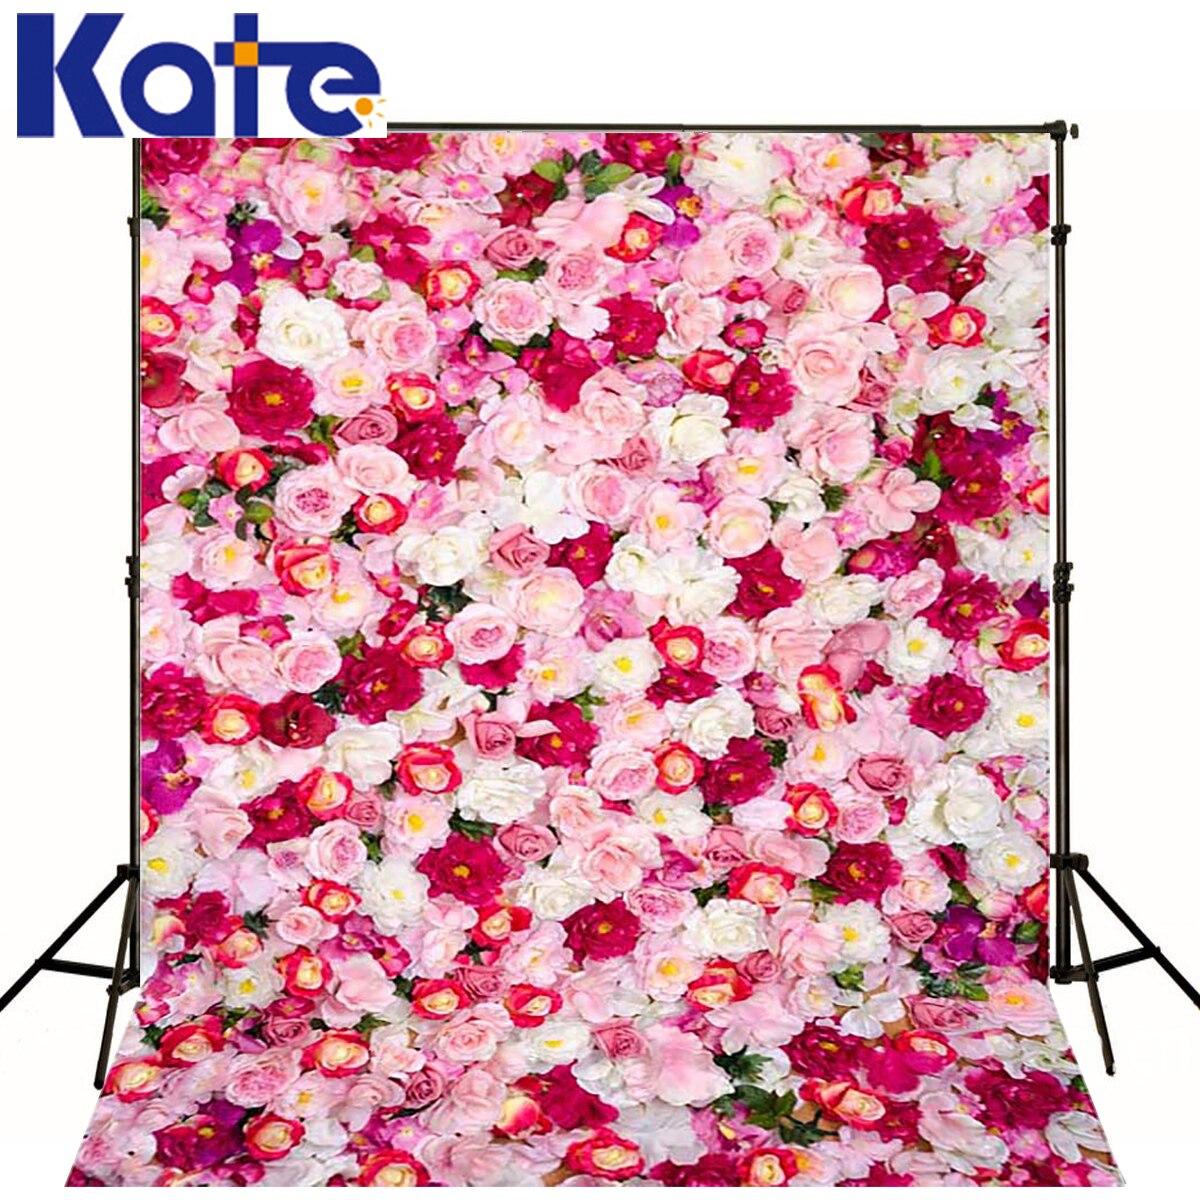 Kate 10x10ft toile de fond Floral nouveau-né photographie fond rose fleur mur Photo pour séance de mariage